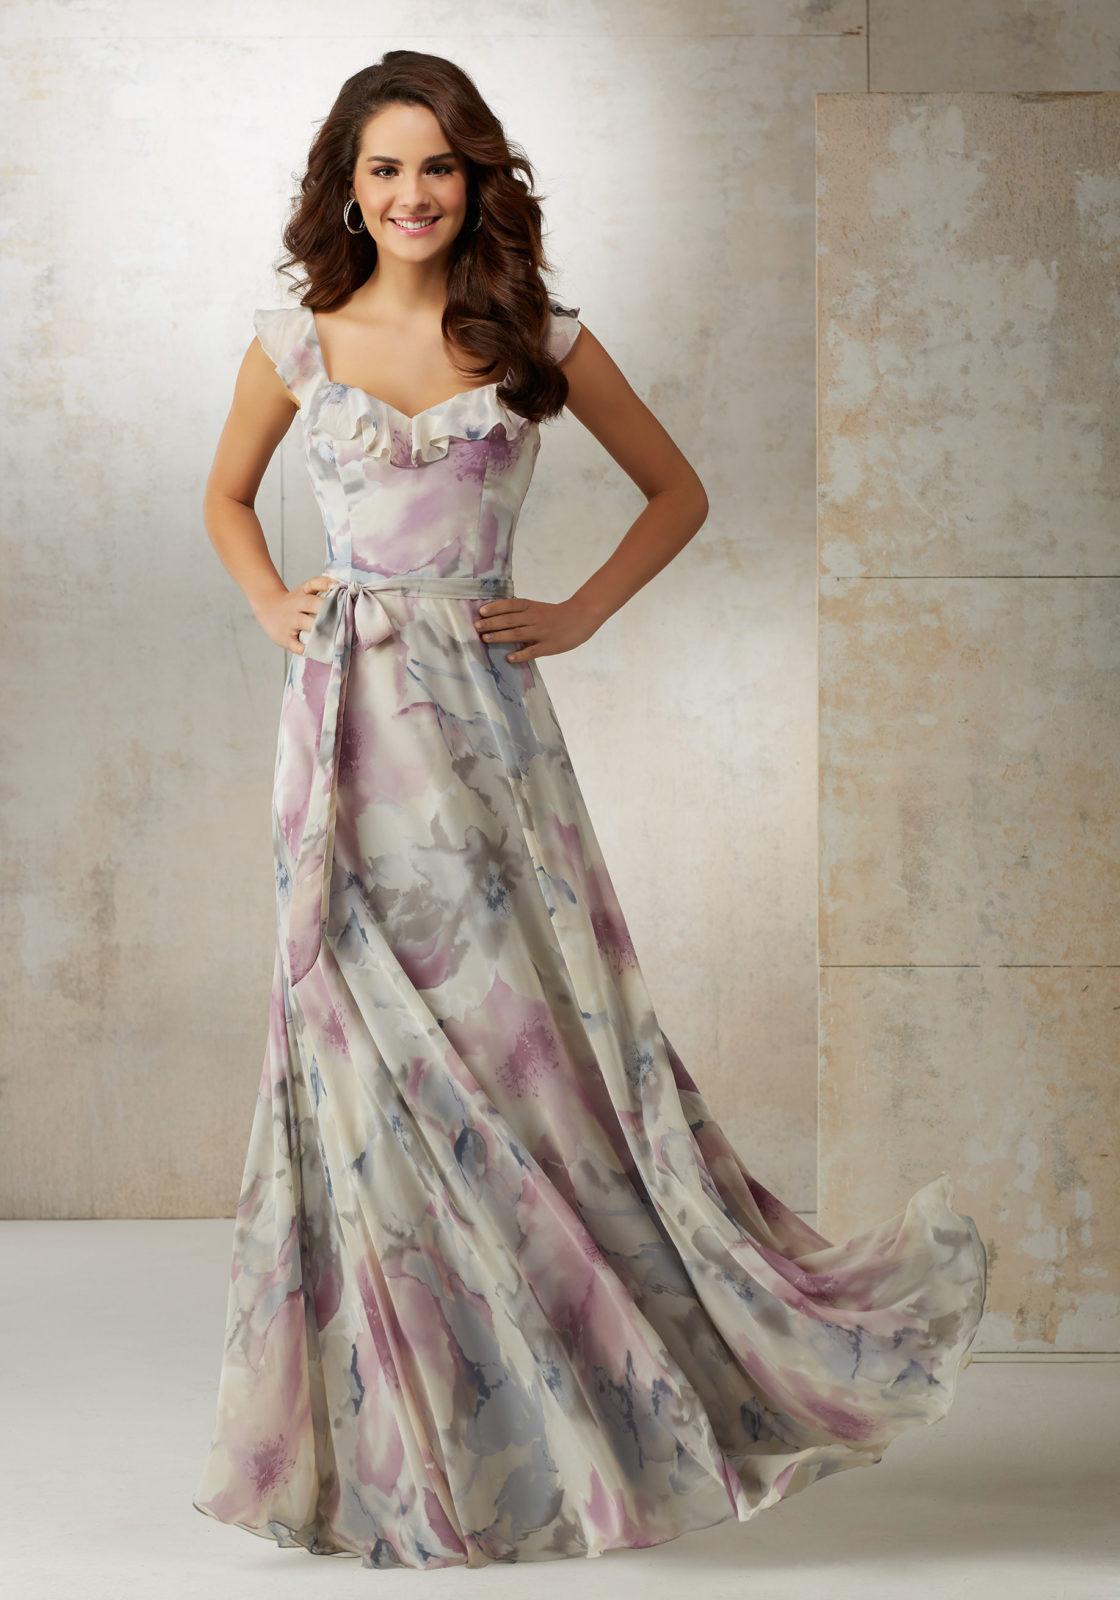 Precioso vestido para las damas más modernas